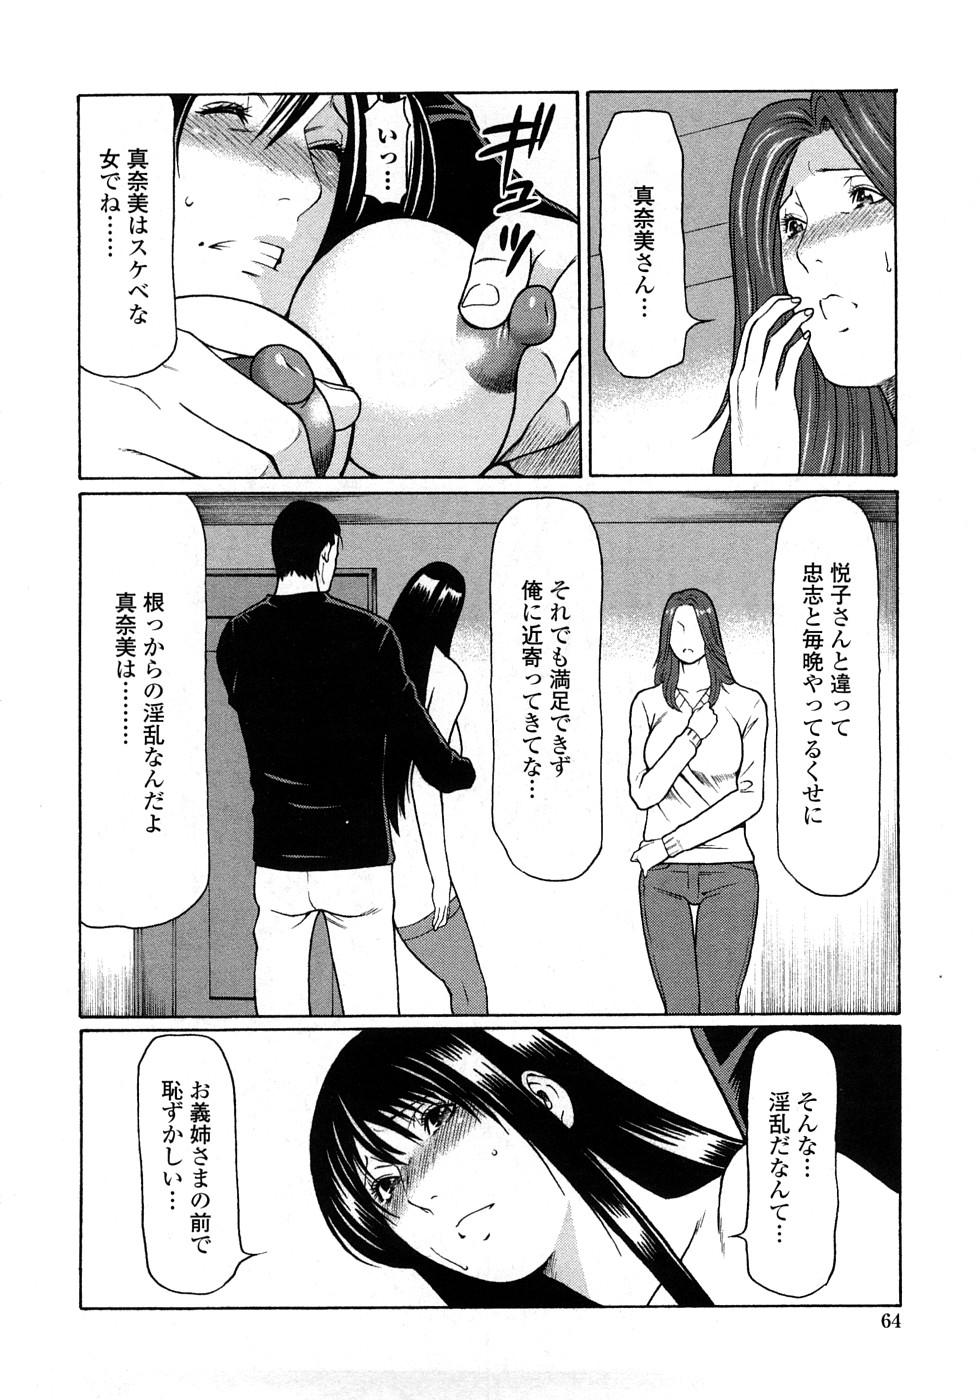 Etsuraku no Tobira - The Door of Sexual Pleasure 62